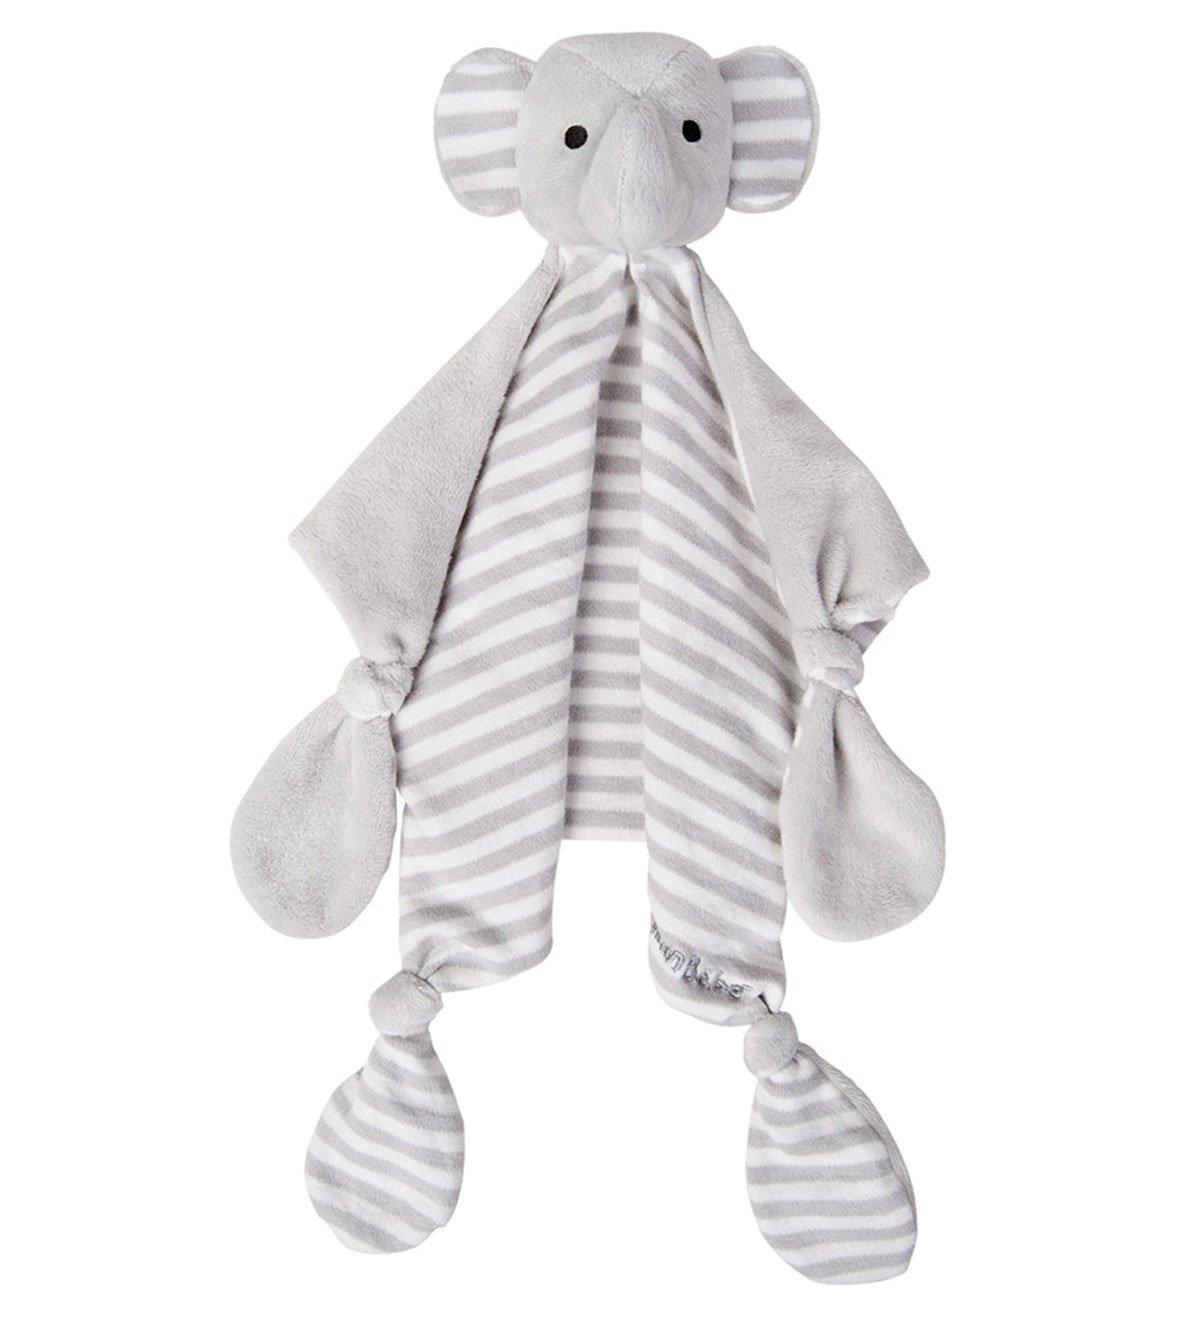 Babysutten SCHMUSETUCH Elefant, Grau-Gestreift, Jojo Maman Bebe nusseklud elefant jojo